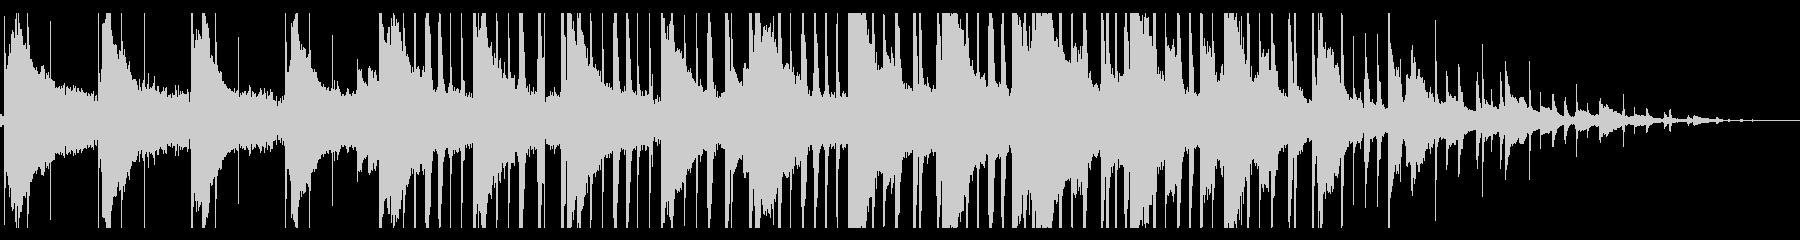 都会/ヒップホップ_No397_2の未再生の波形